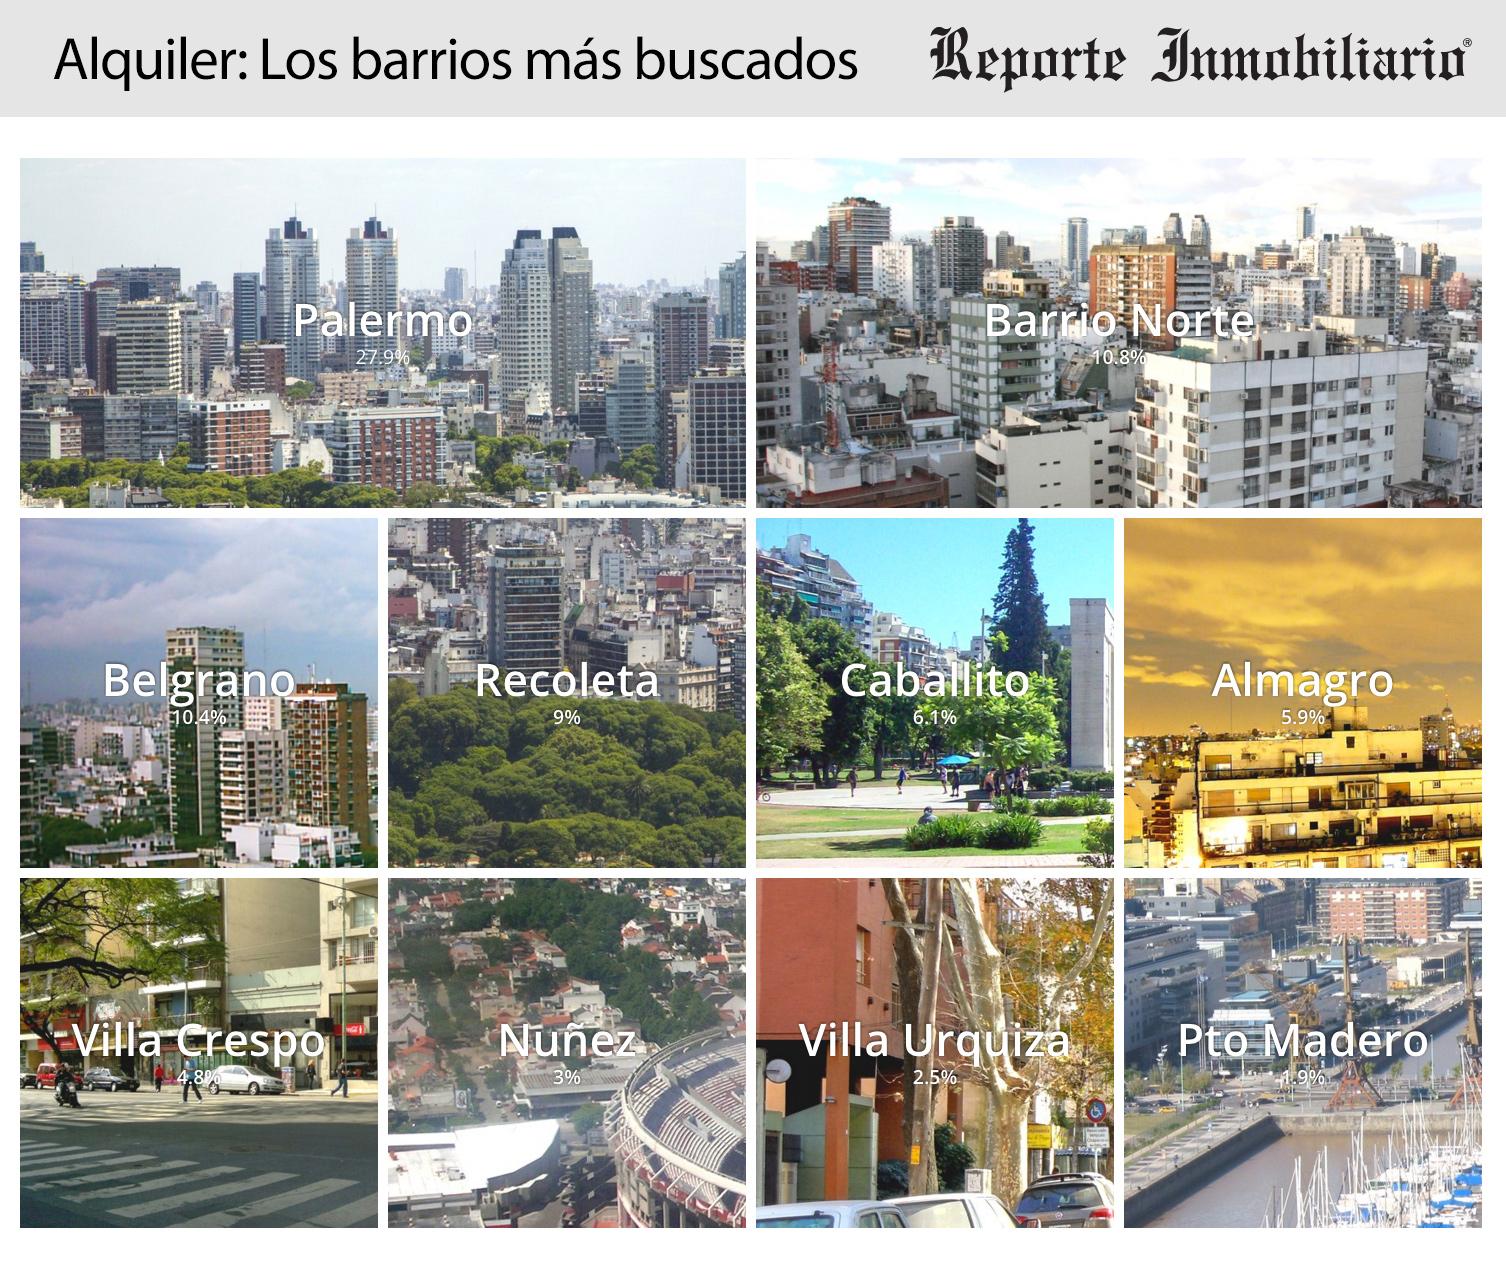 Resumen 2015 - Los barrios mas buscados para Alquiler